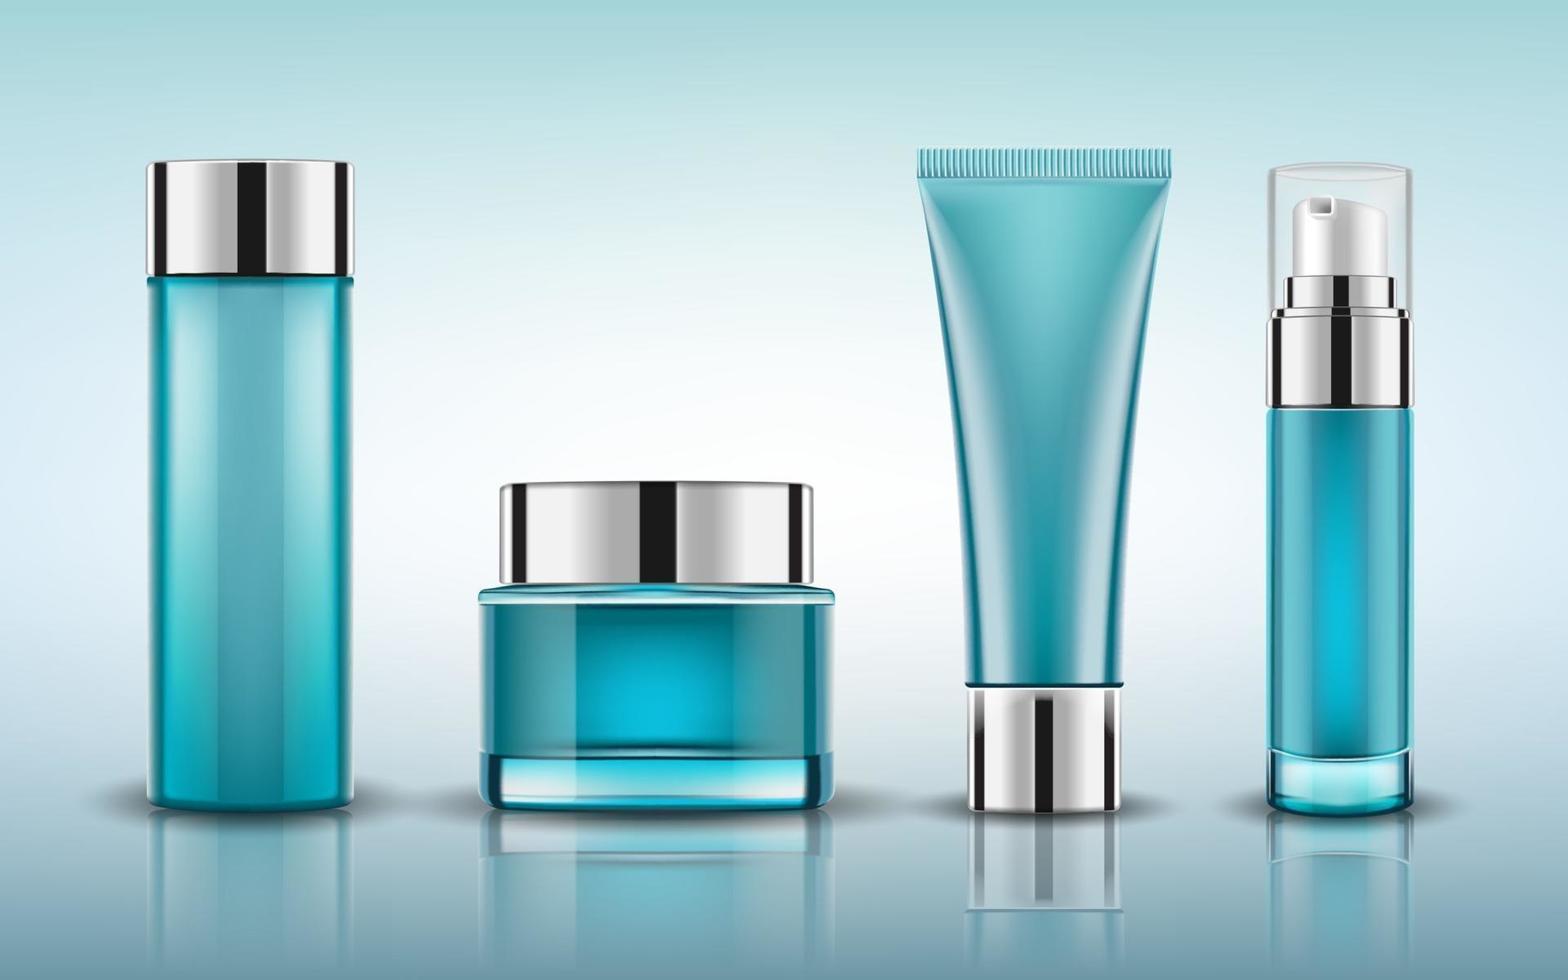 conjunto de maqueta de empaquetado de botellas de cosméticos azules, listo para su diseño, ilustración vectorial. vector